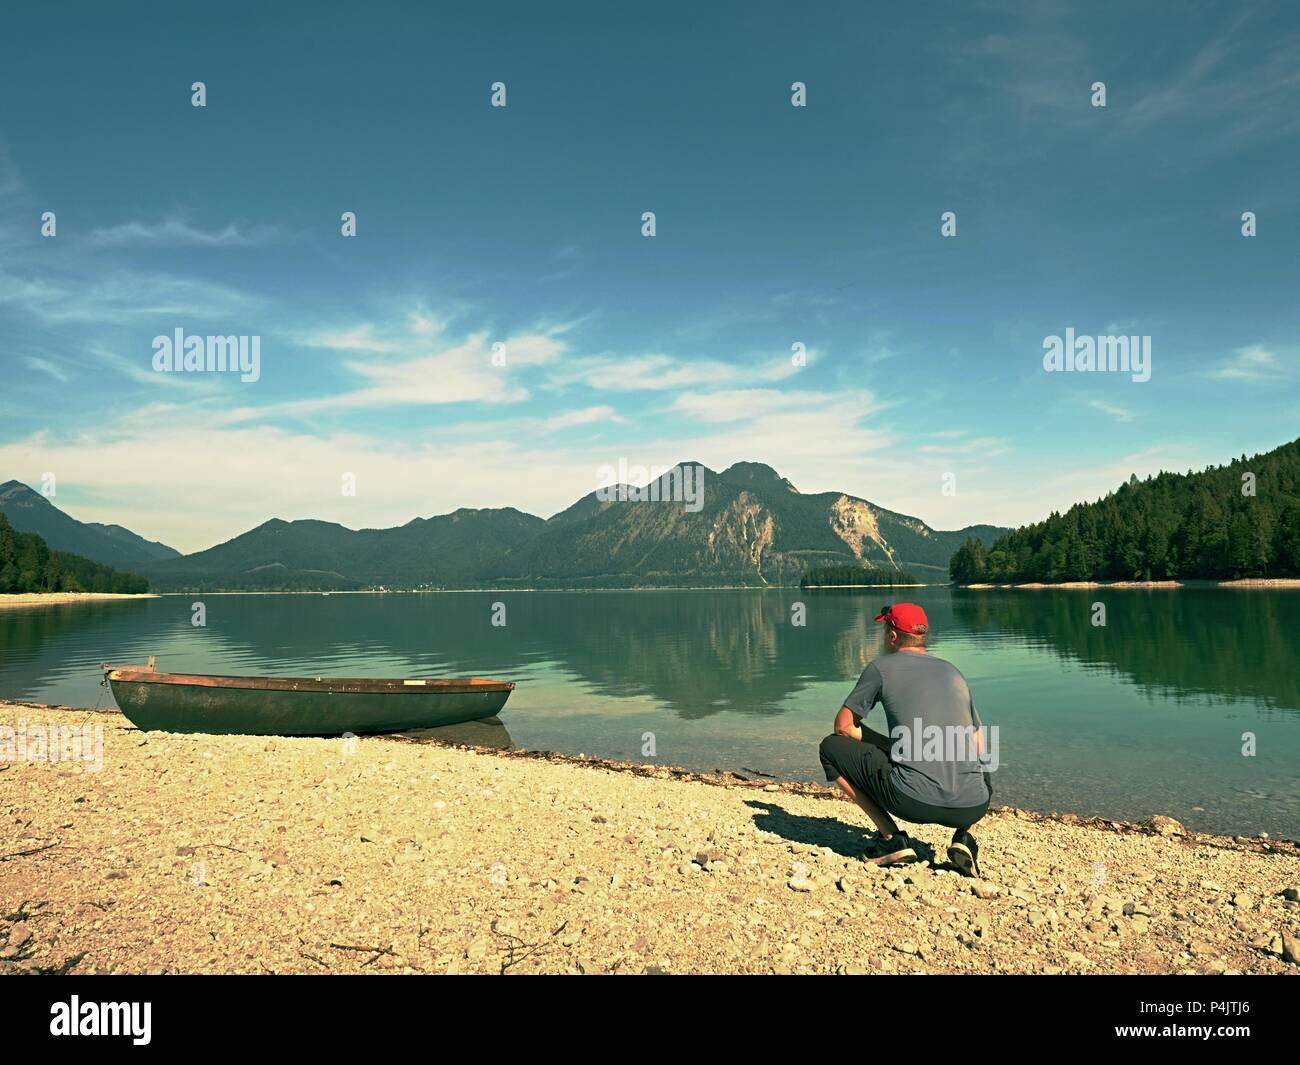 Uomo seduto sul sassoso banca di montagna alpina lago a ancorata laminato in barca. Immagini Stock